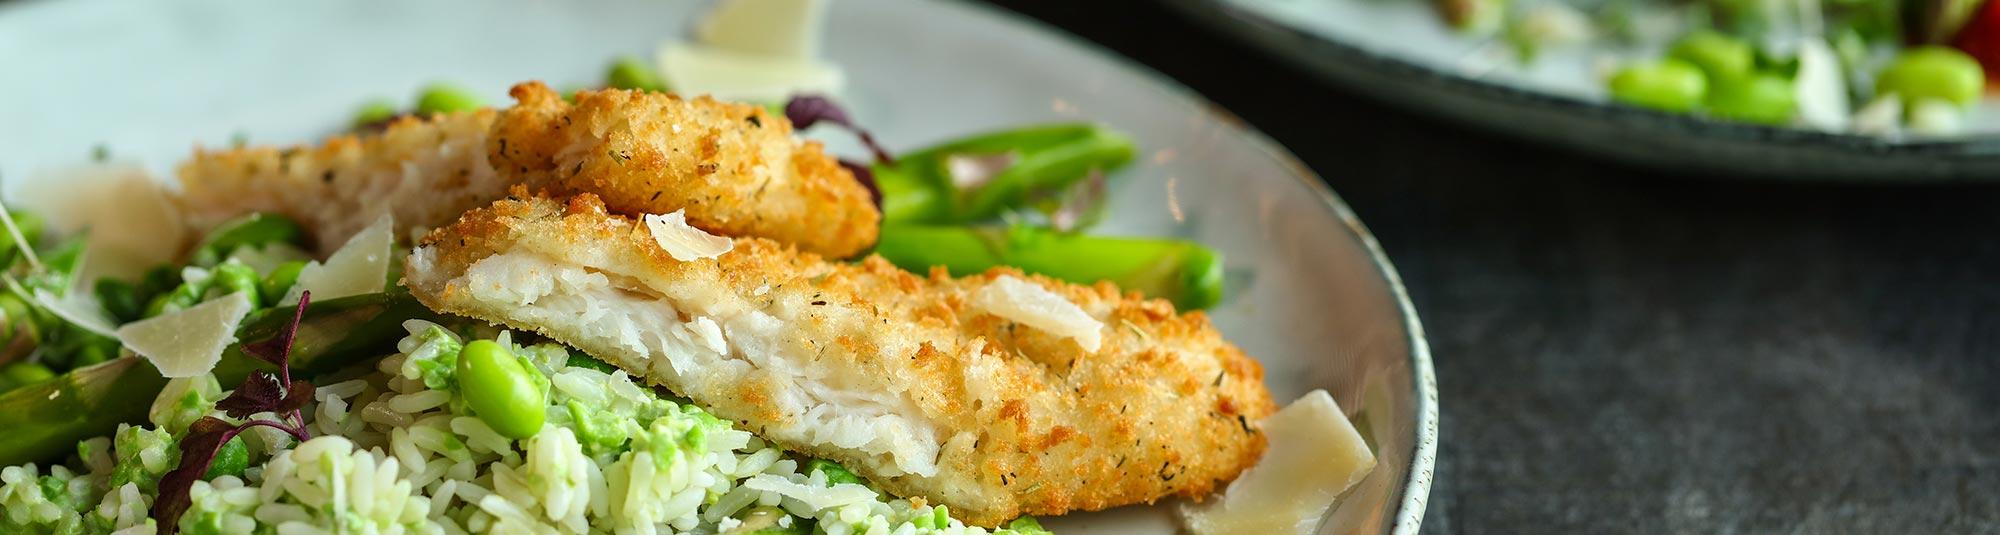 lettpanert fiskefilet med grønn ris og urteolje